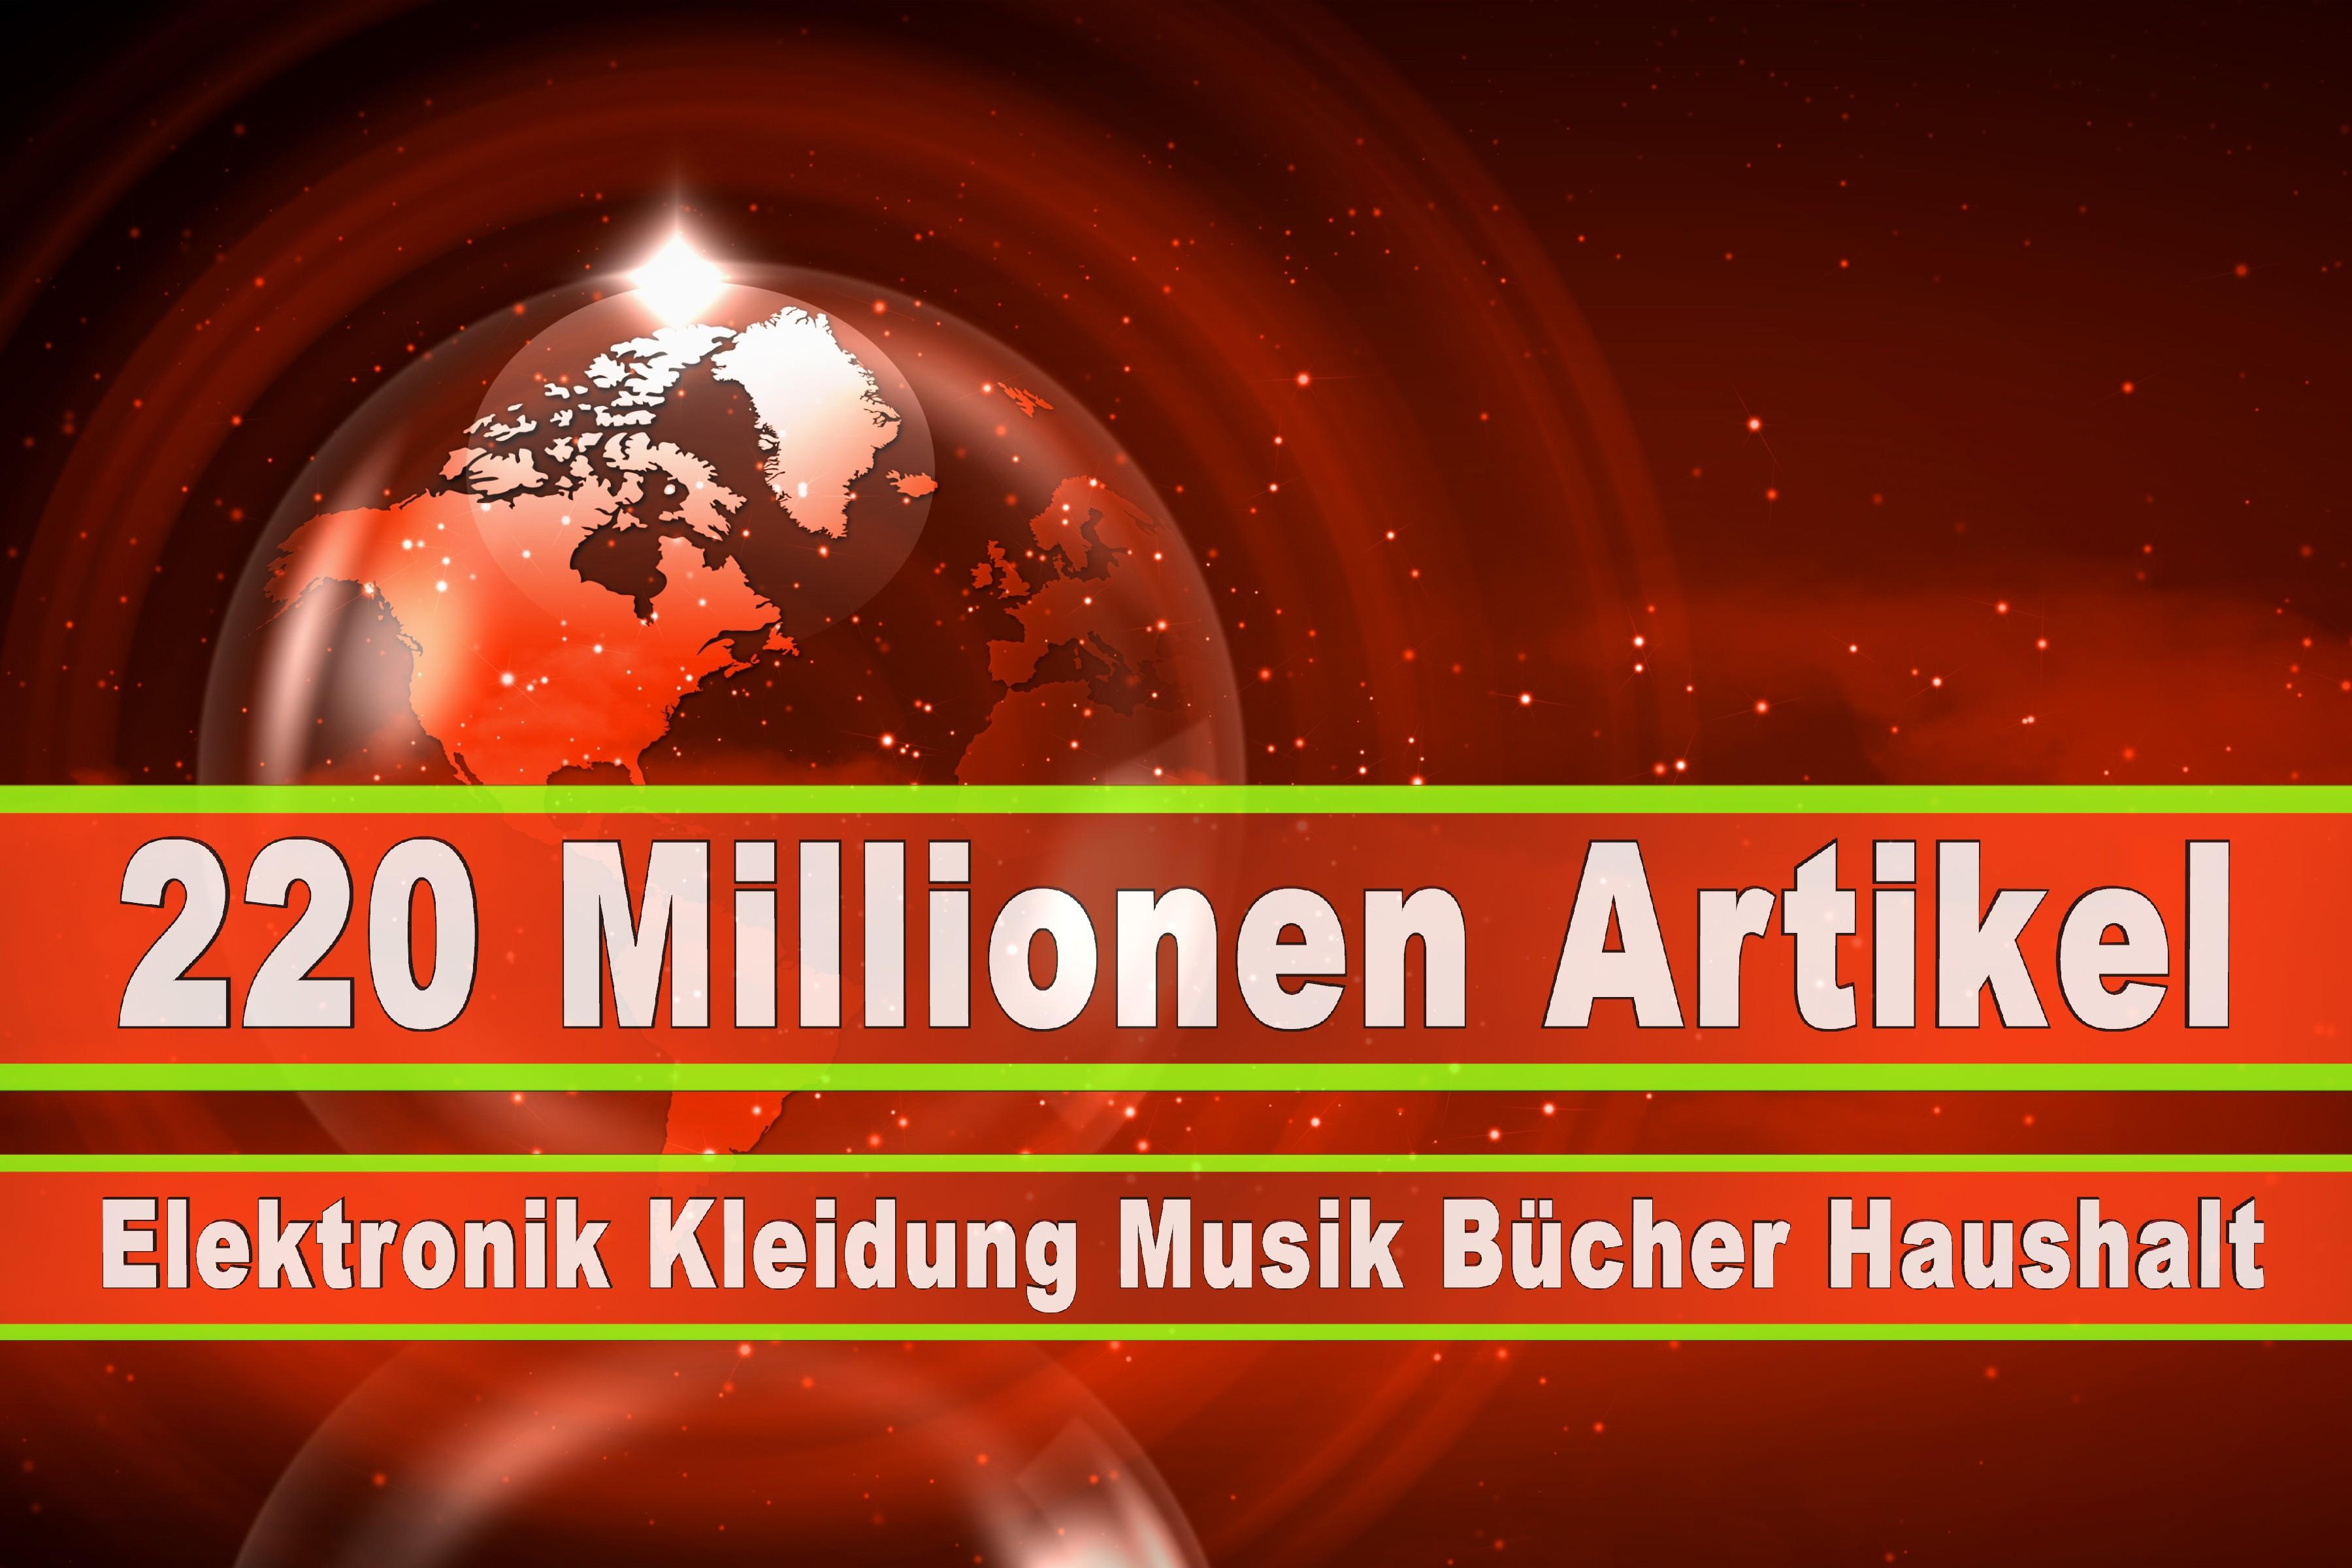 Amazon Elektronik Musik Haushalt Bücher CD DVD Handys Smartphones TV Television Fernseher Kleidung Mode Ebay Versandhaus (92)